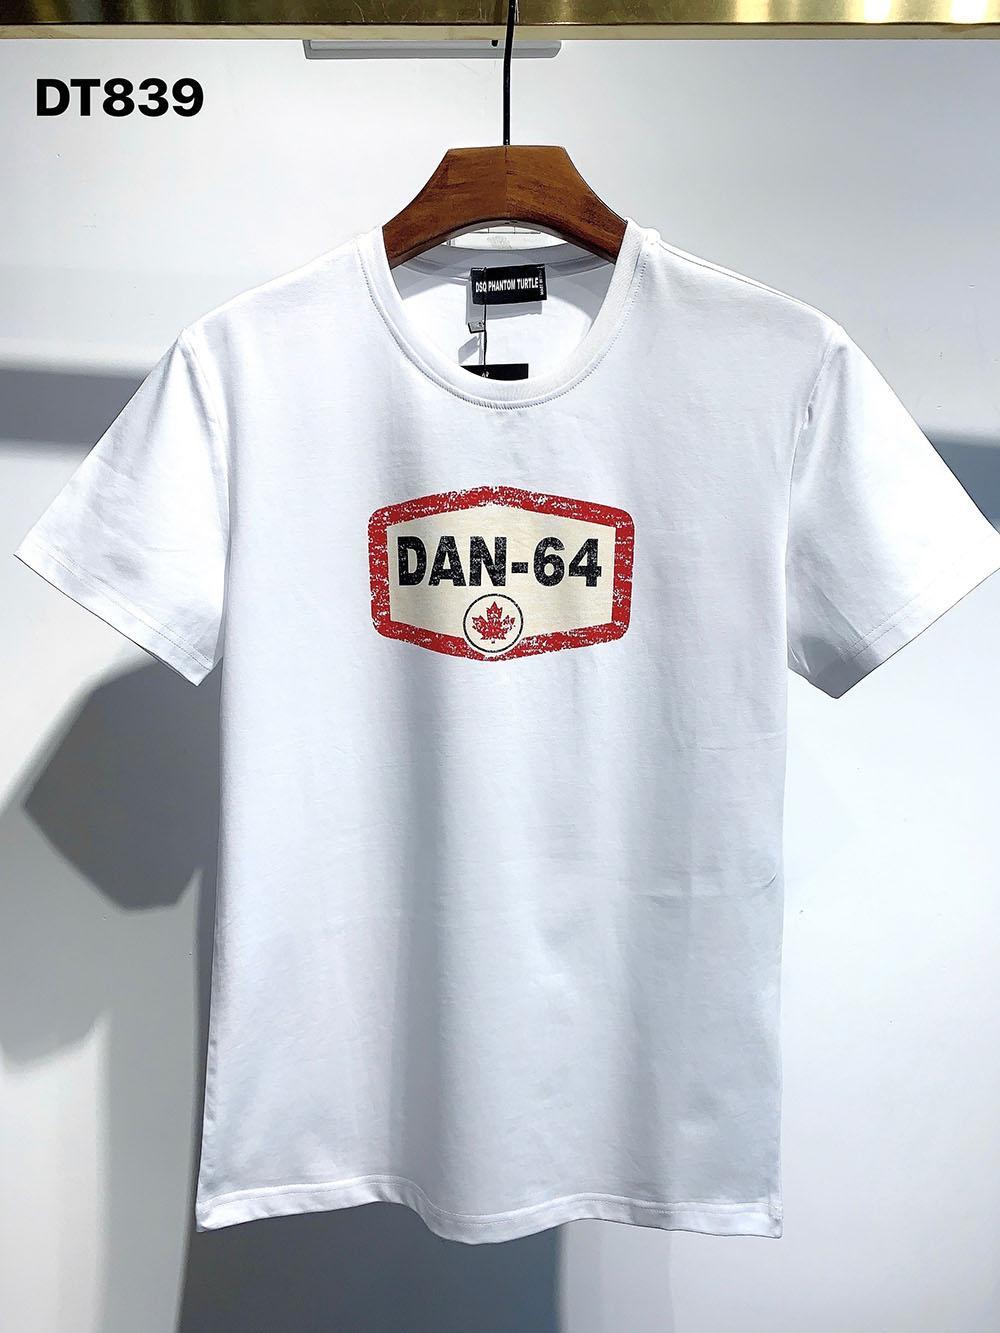 DSQ PHANTOM TURTLE 2021SS New Mens Designer T shirt Paris fashion Tshirts Summer DSQ Pattern T-shirt Male Top Quality 100% Cotton Top 1096